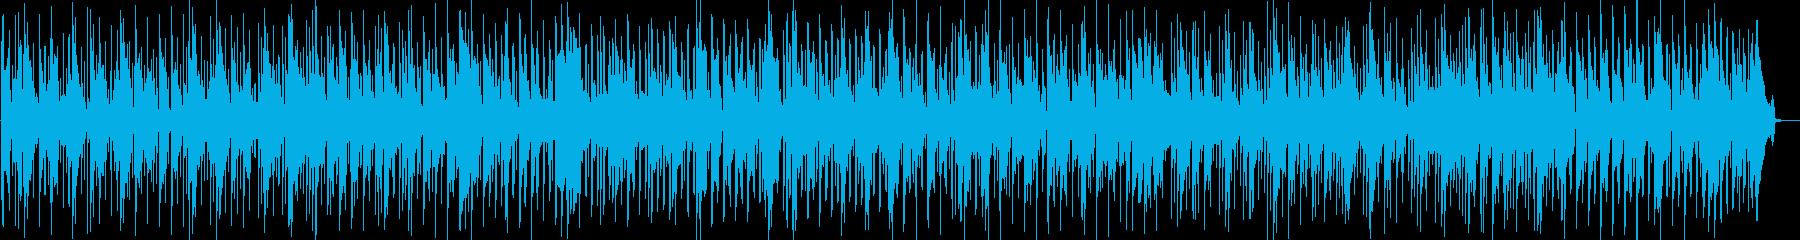 心弾む軽快なファンクの再生済みの波形